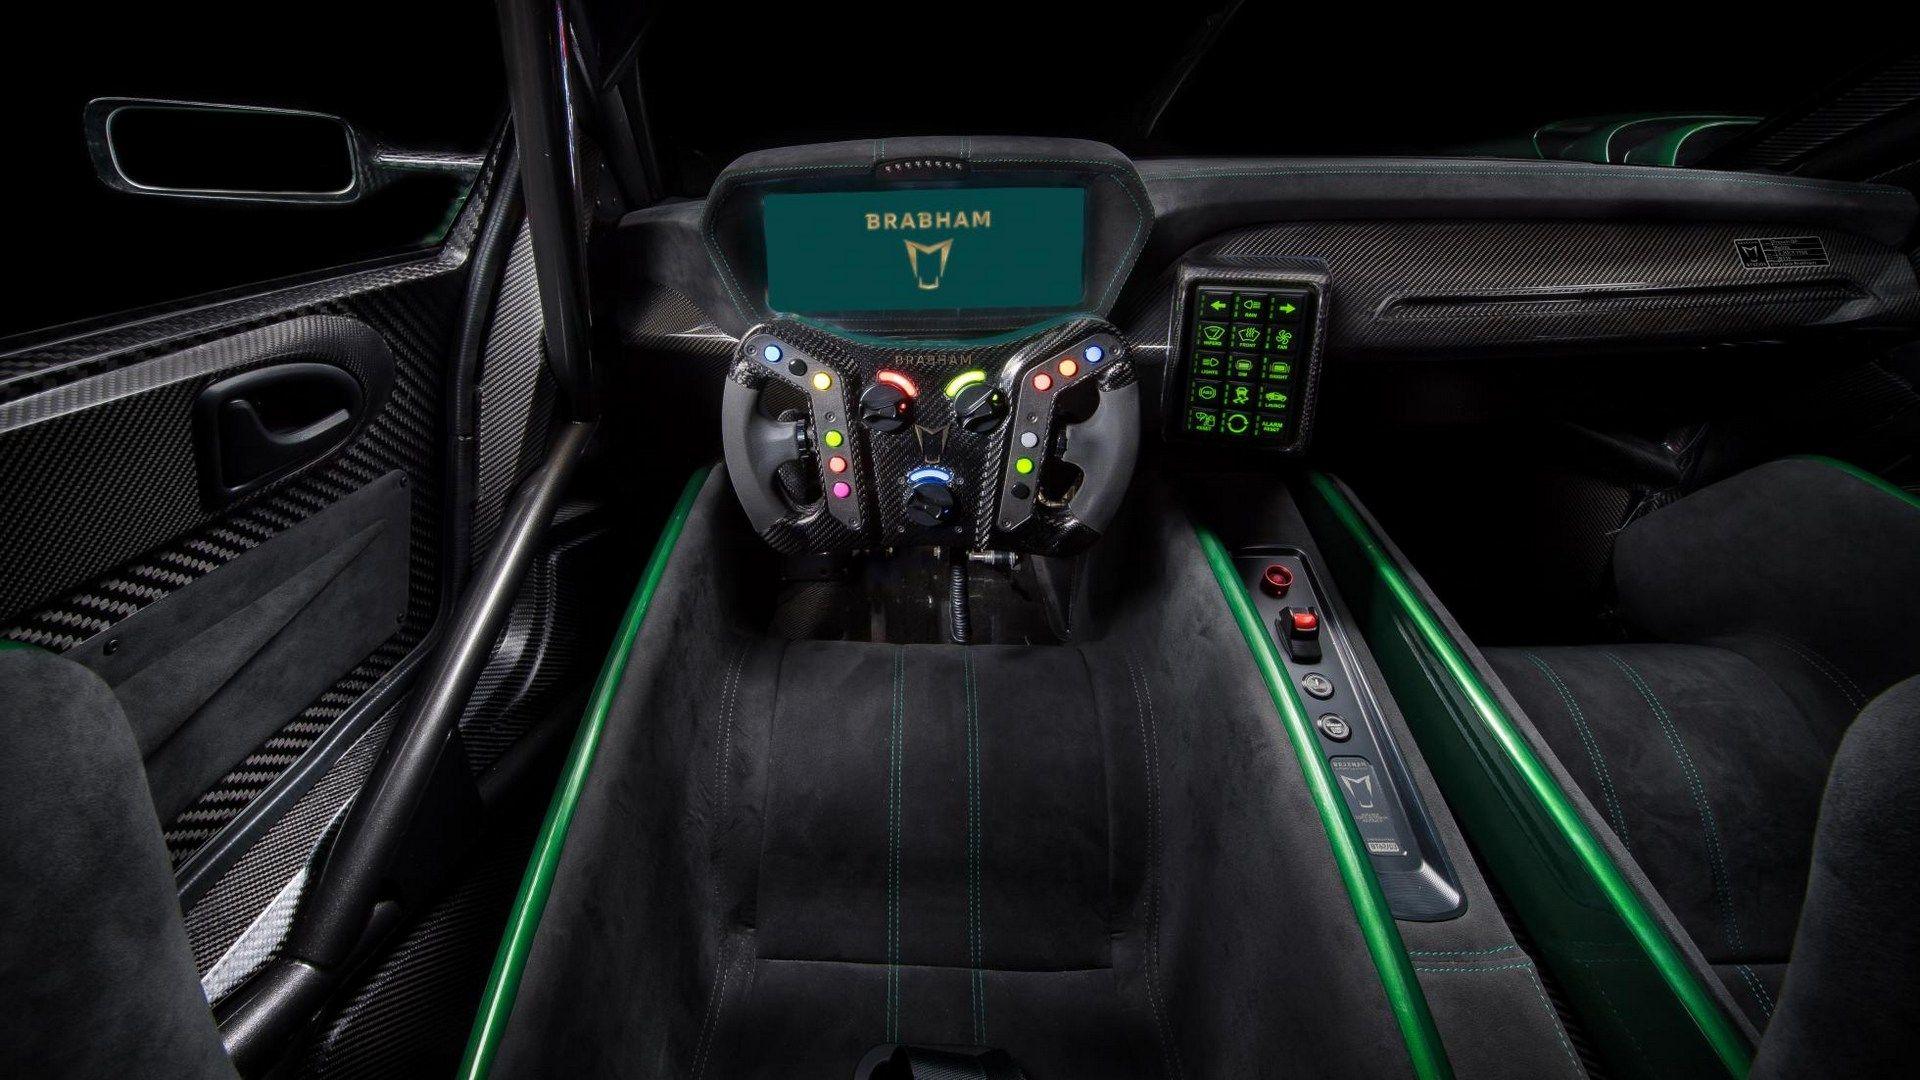 Brabham Reveals 700 bhp Track Only Racecar